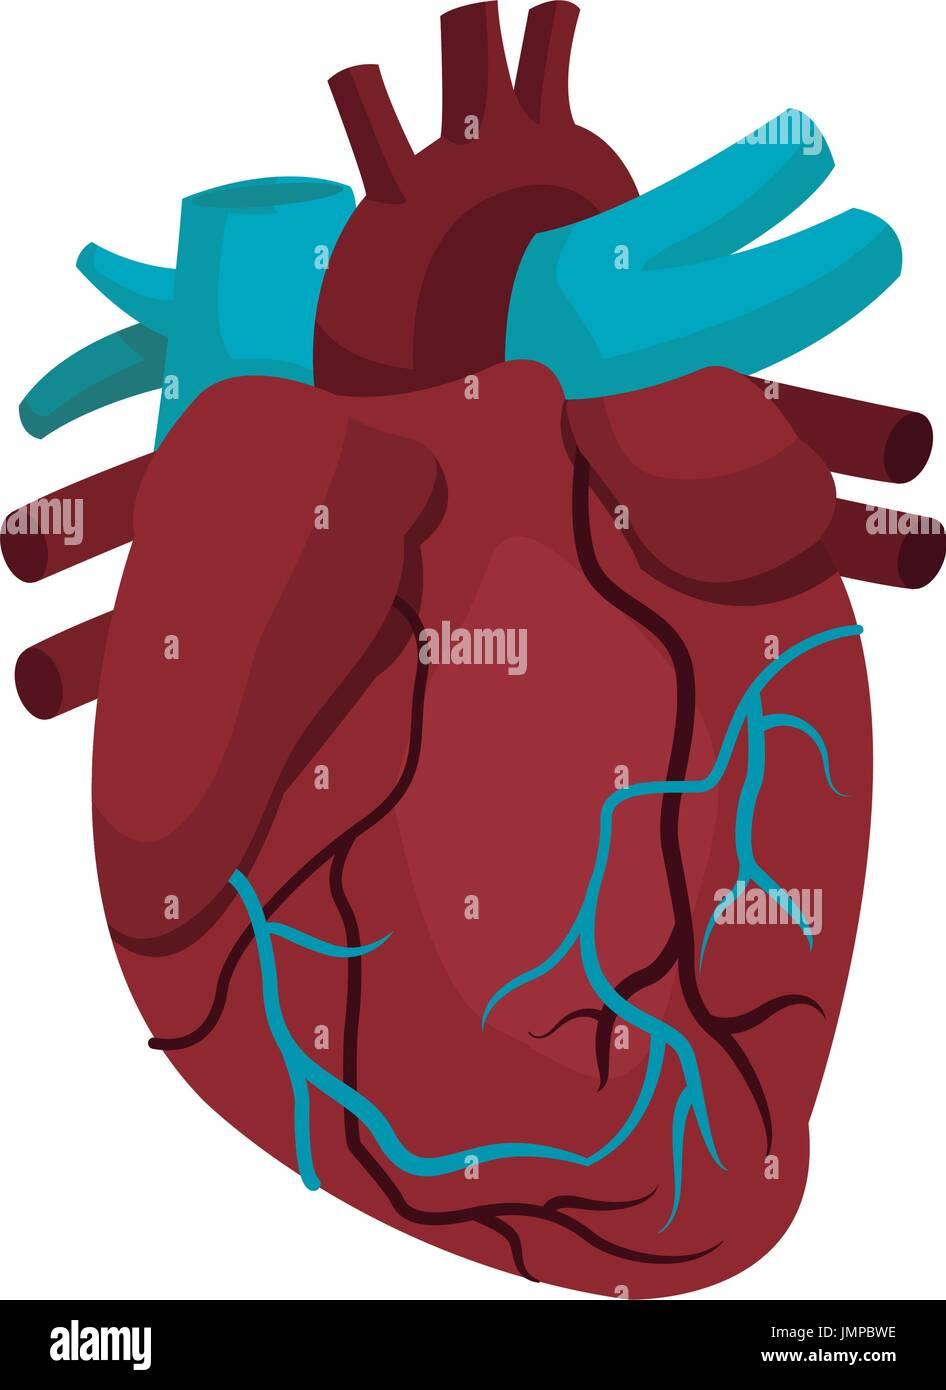 Anatomie des menschlichen Herzens medizinische illustration Vektor ...